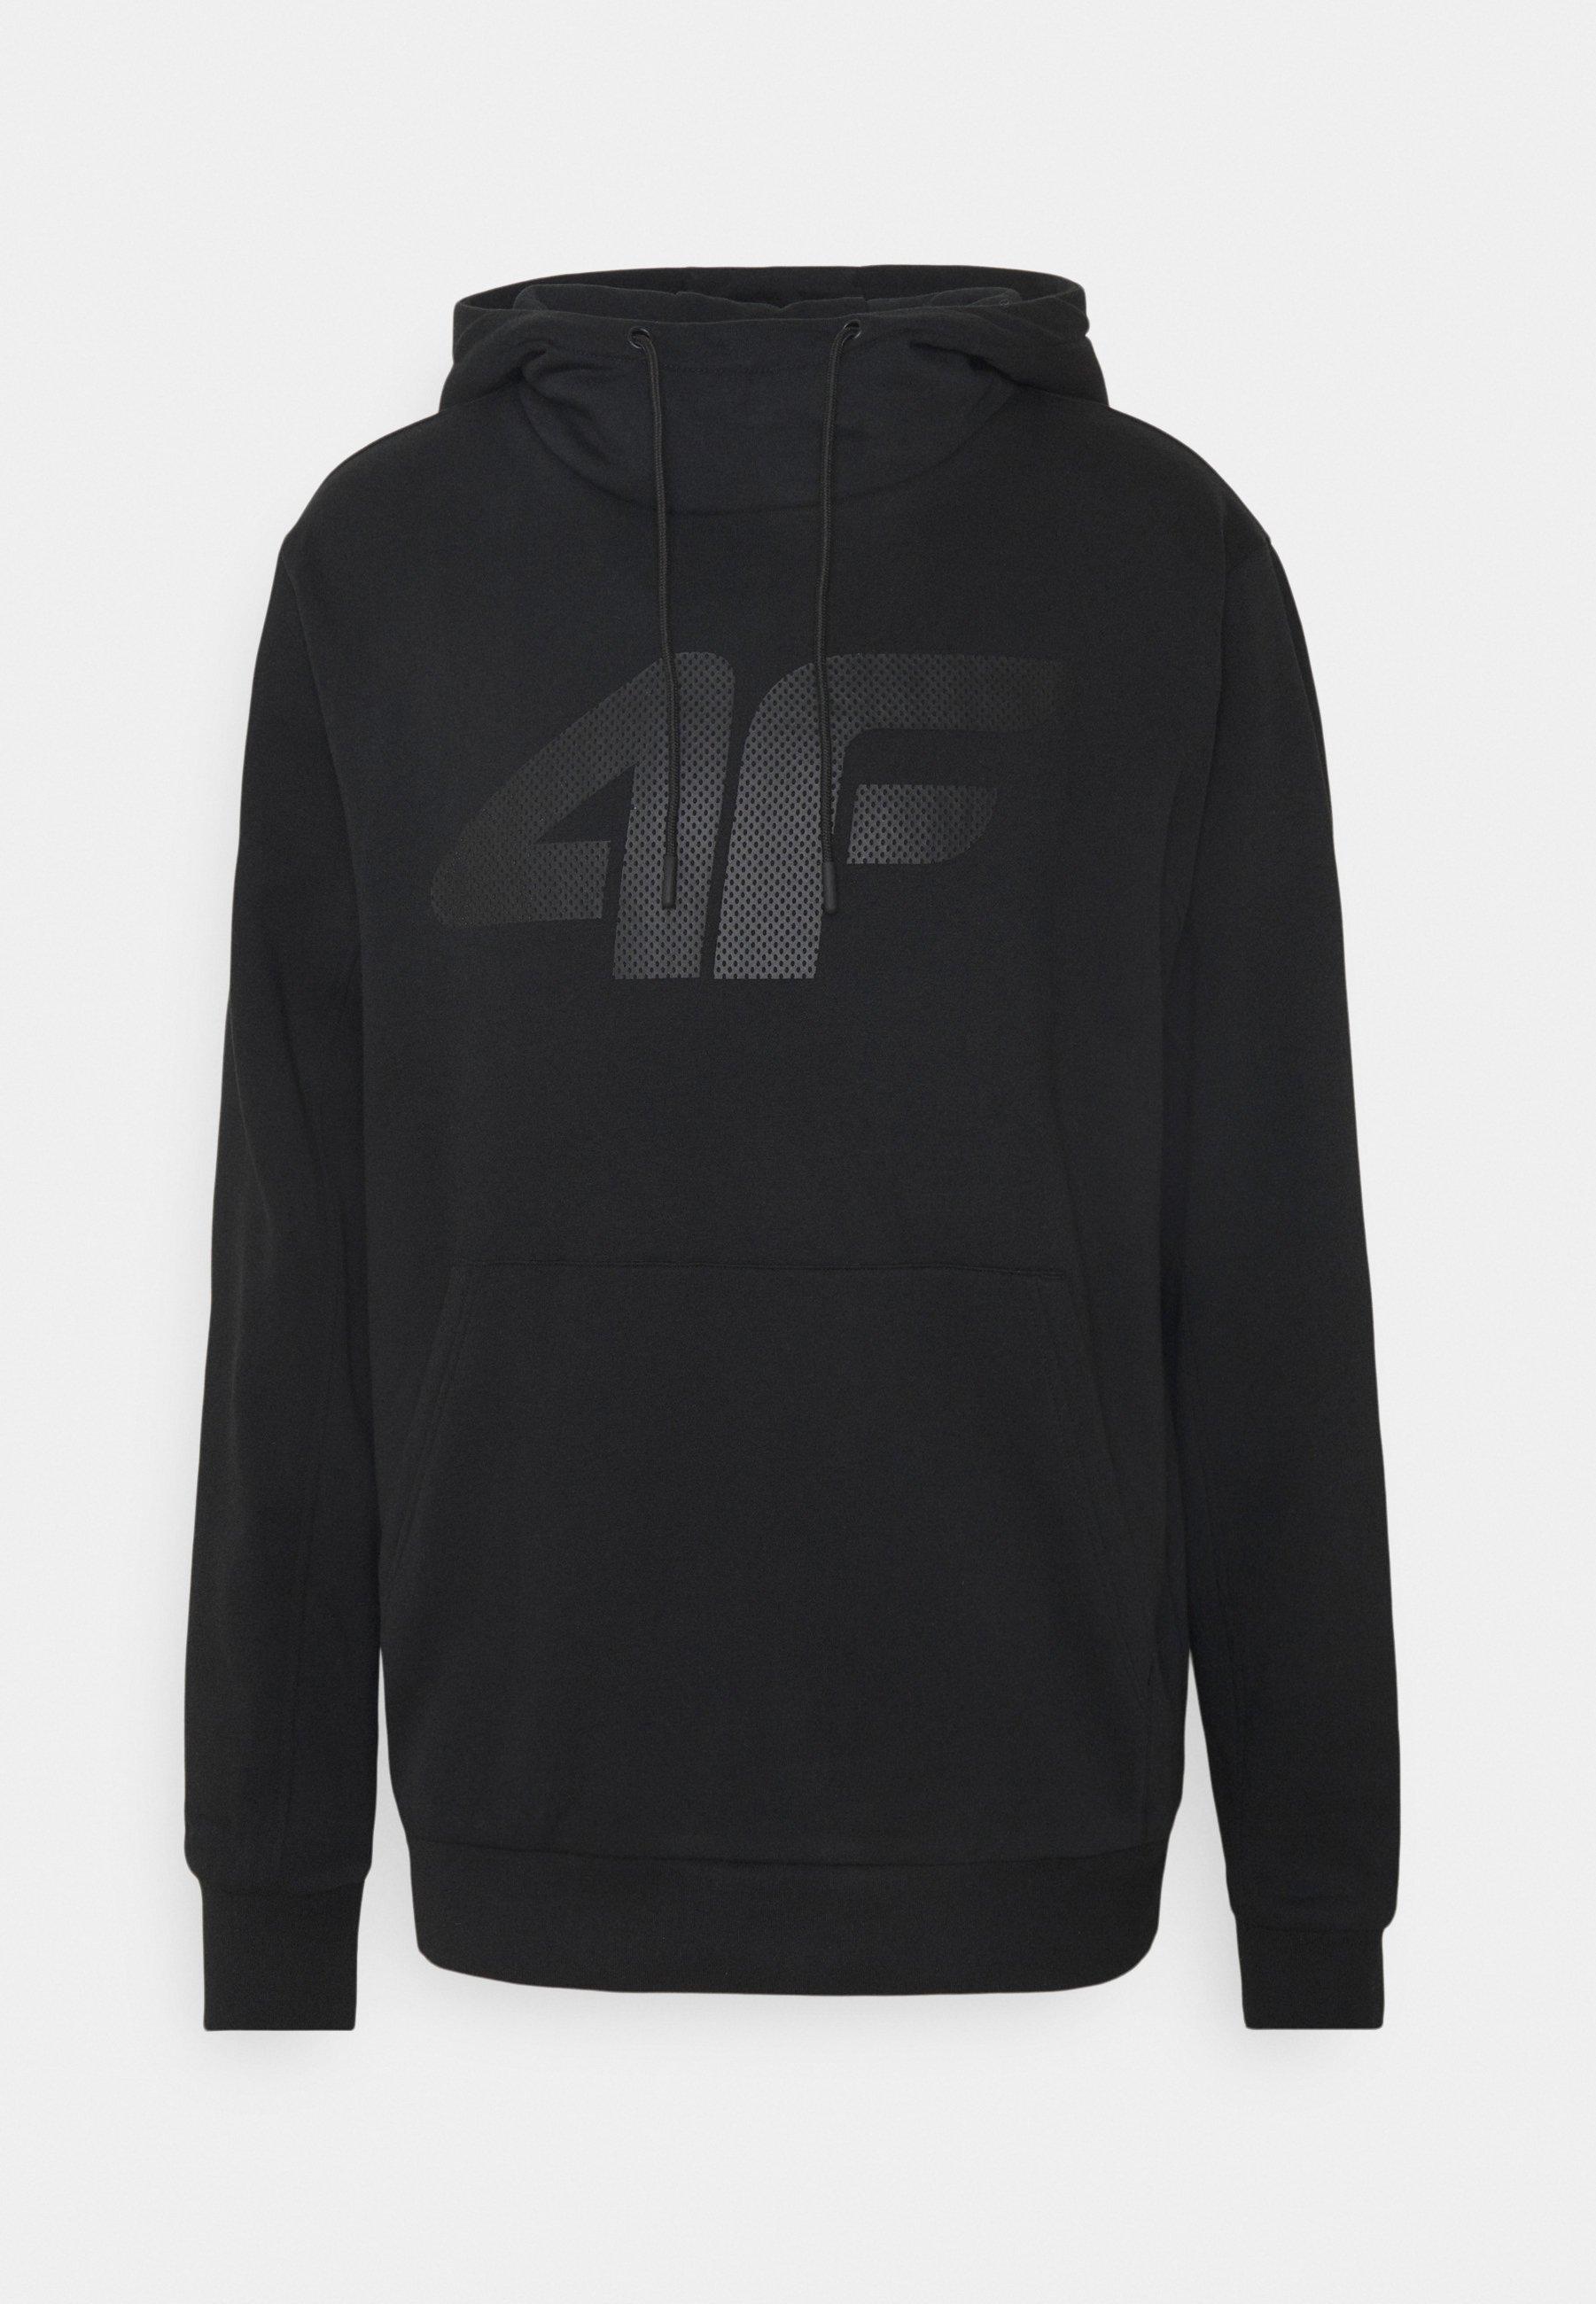 Men Men's hoodie - Hoodie